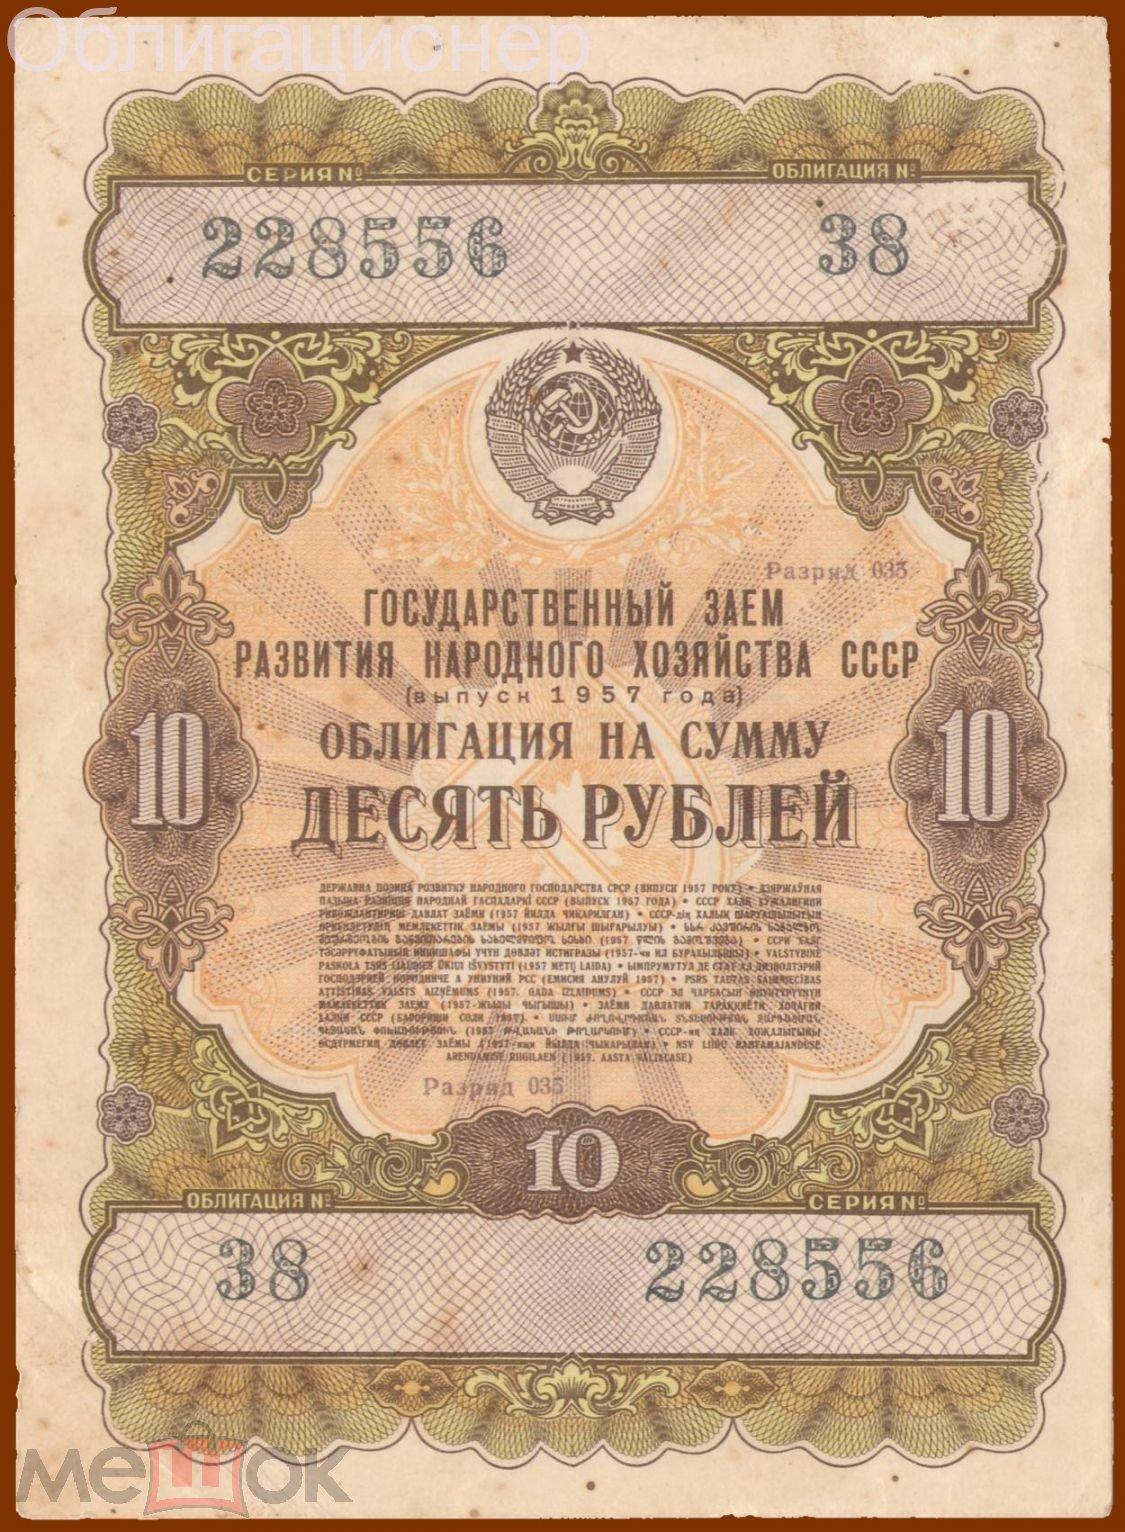 Государственный займ 1957 года займ для приобретения жилья